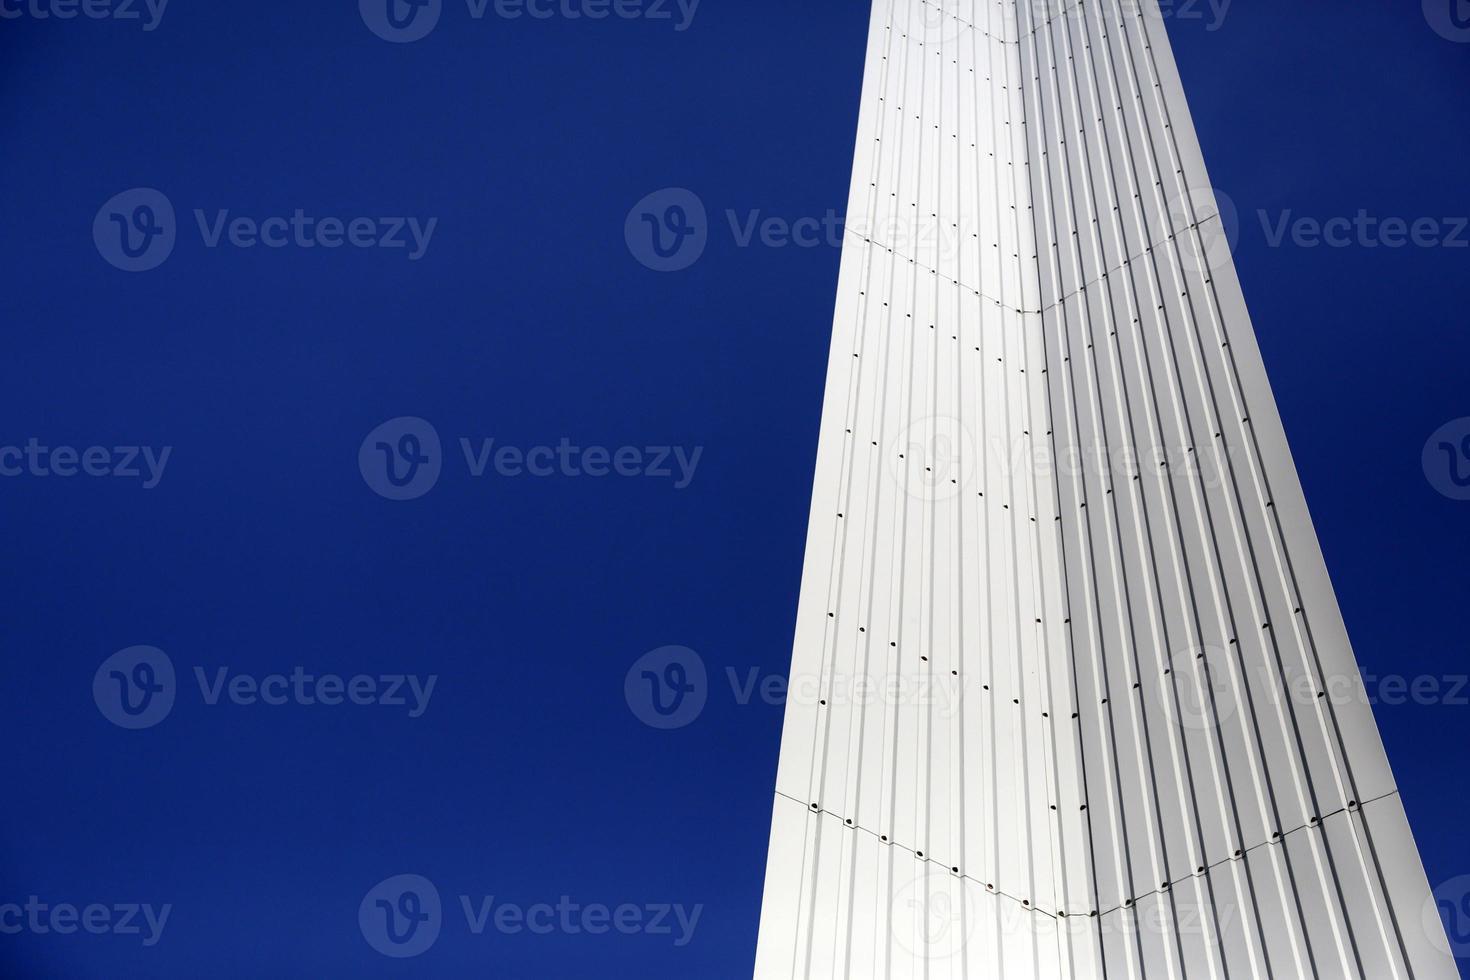 géométrie moderne du métal avec espace de copie de ciel bleu photo